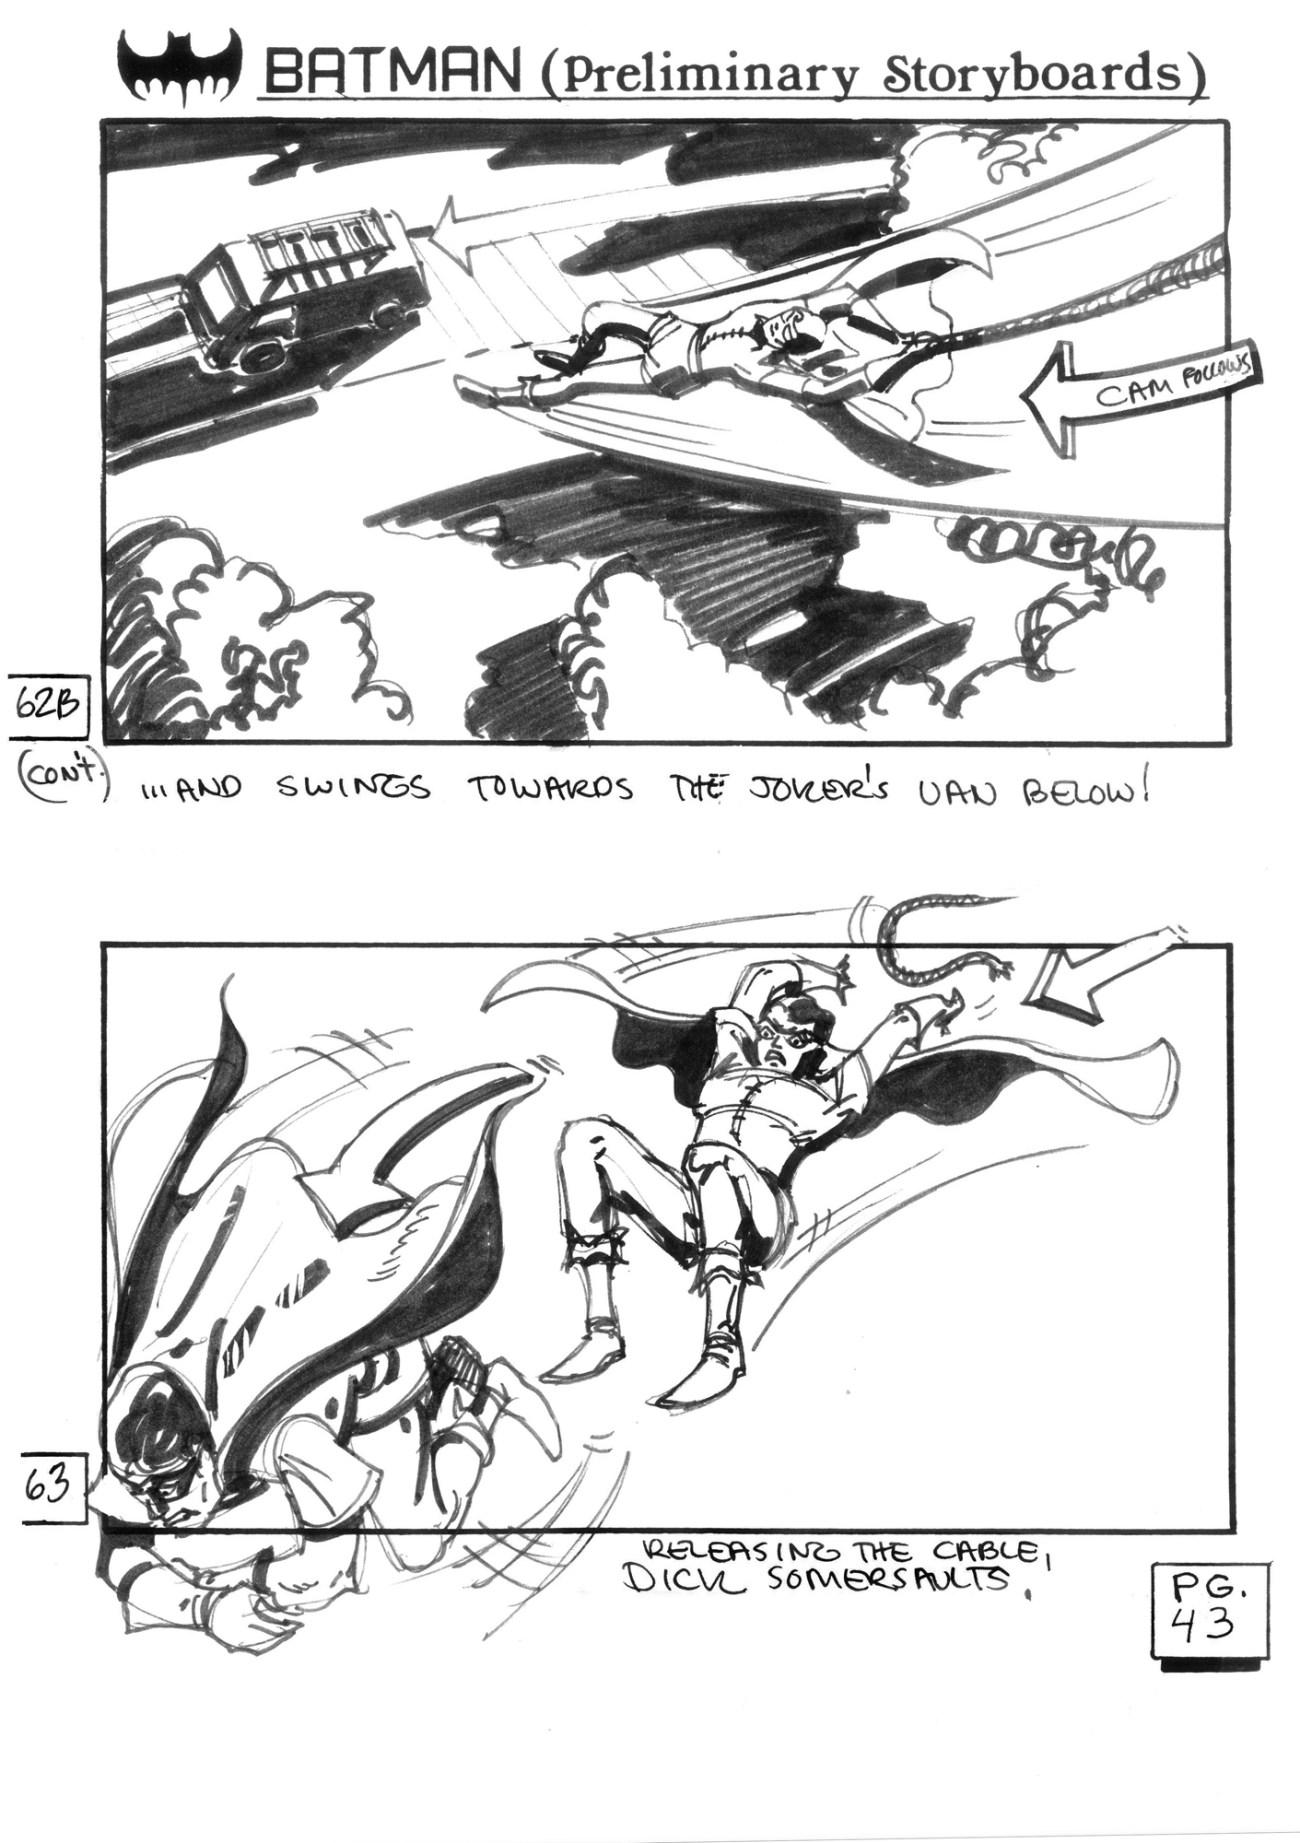 Robin en los storyboards de Batman (1989). Imagen: cinephiliabeyond.org